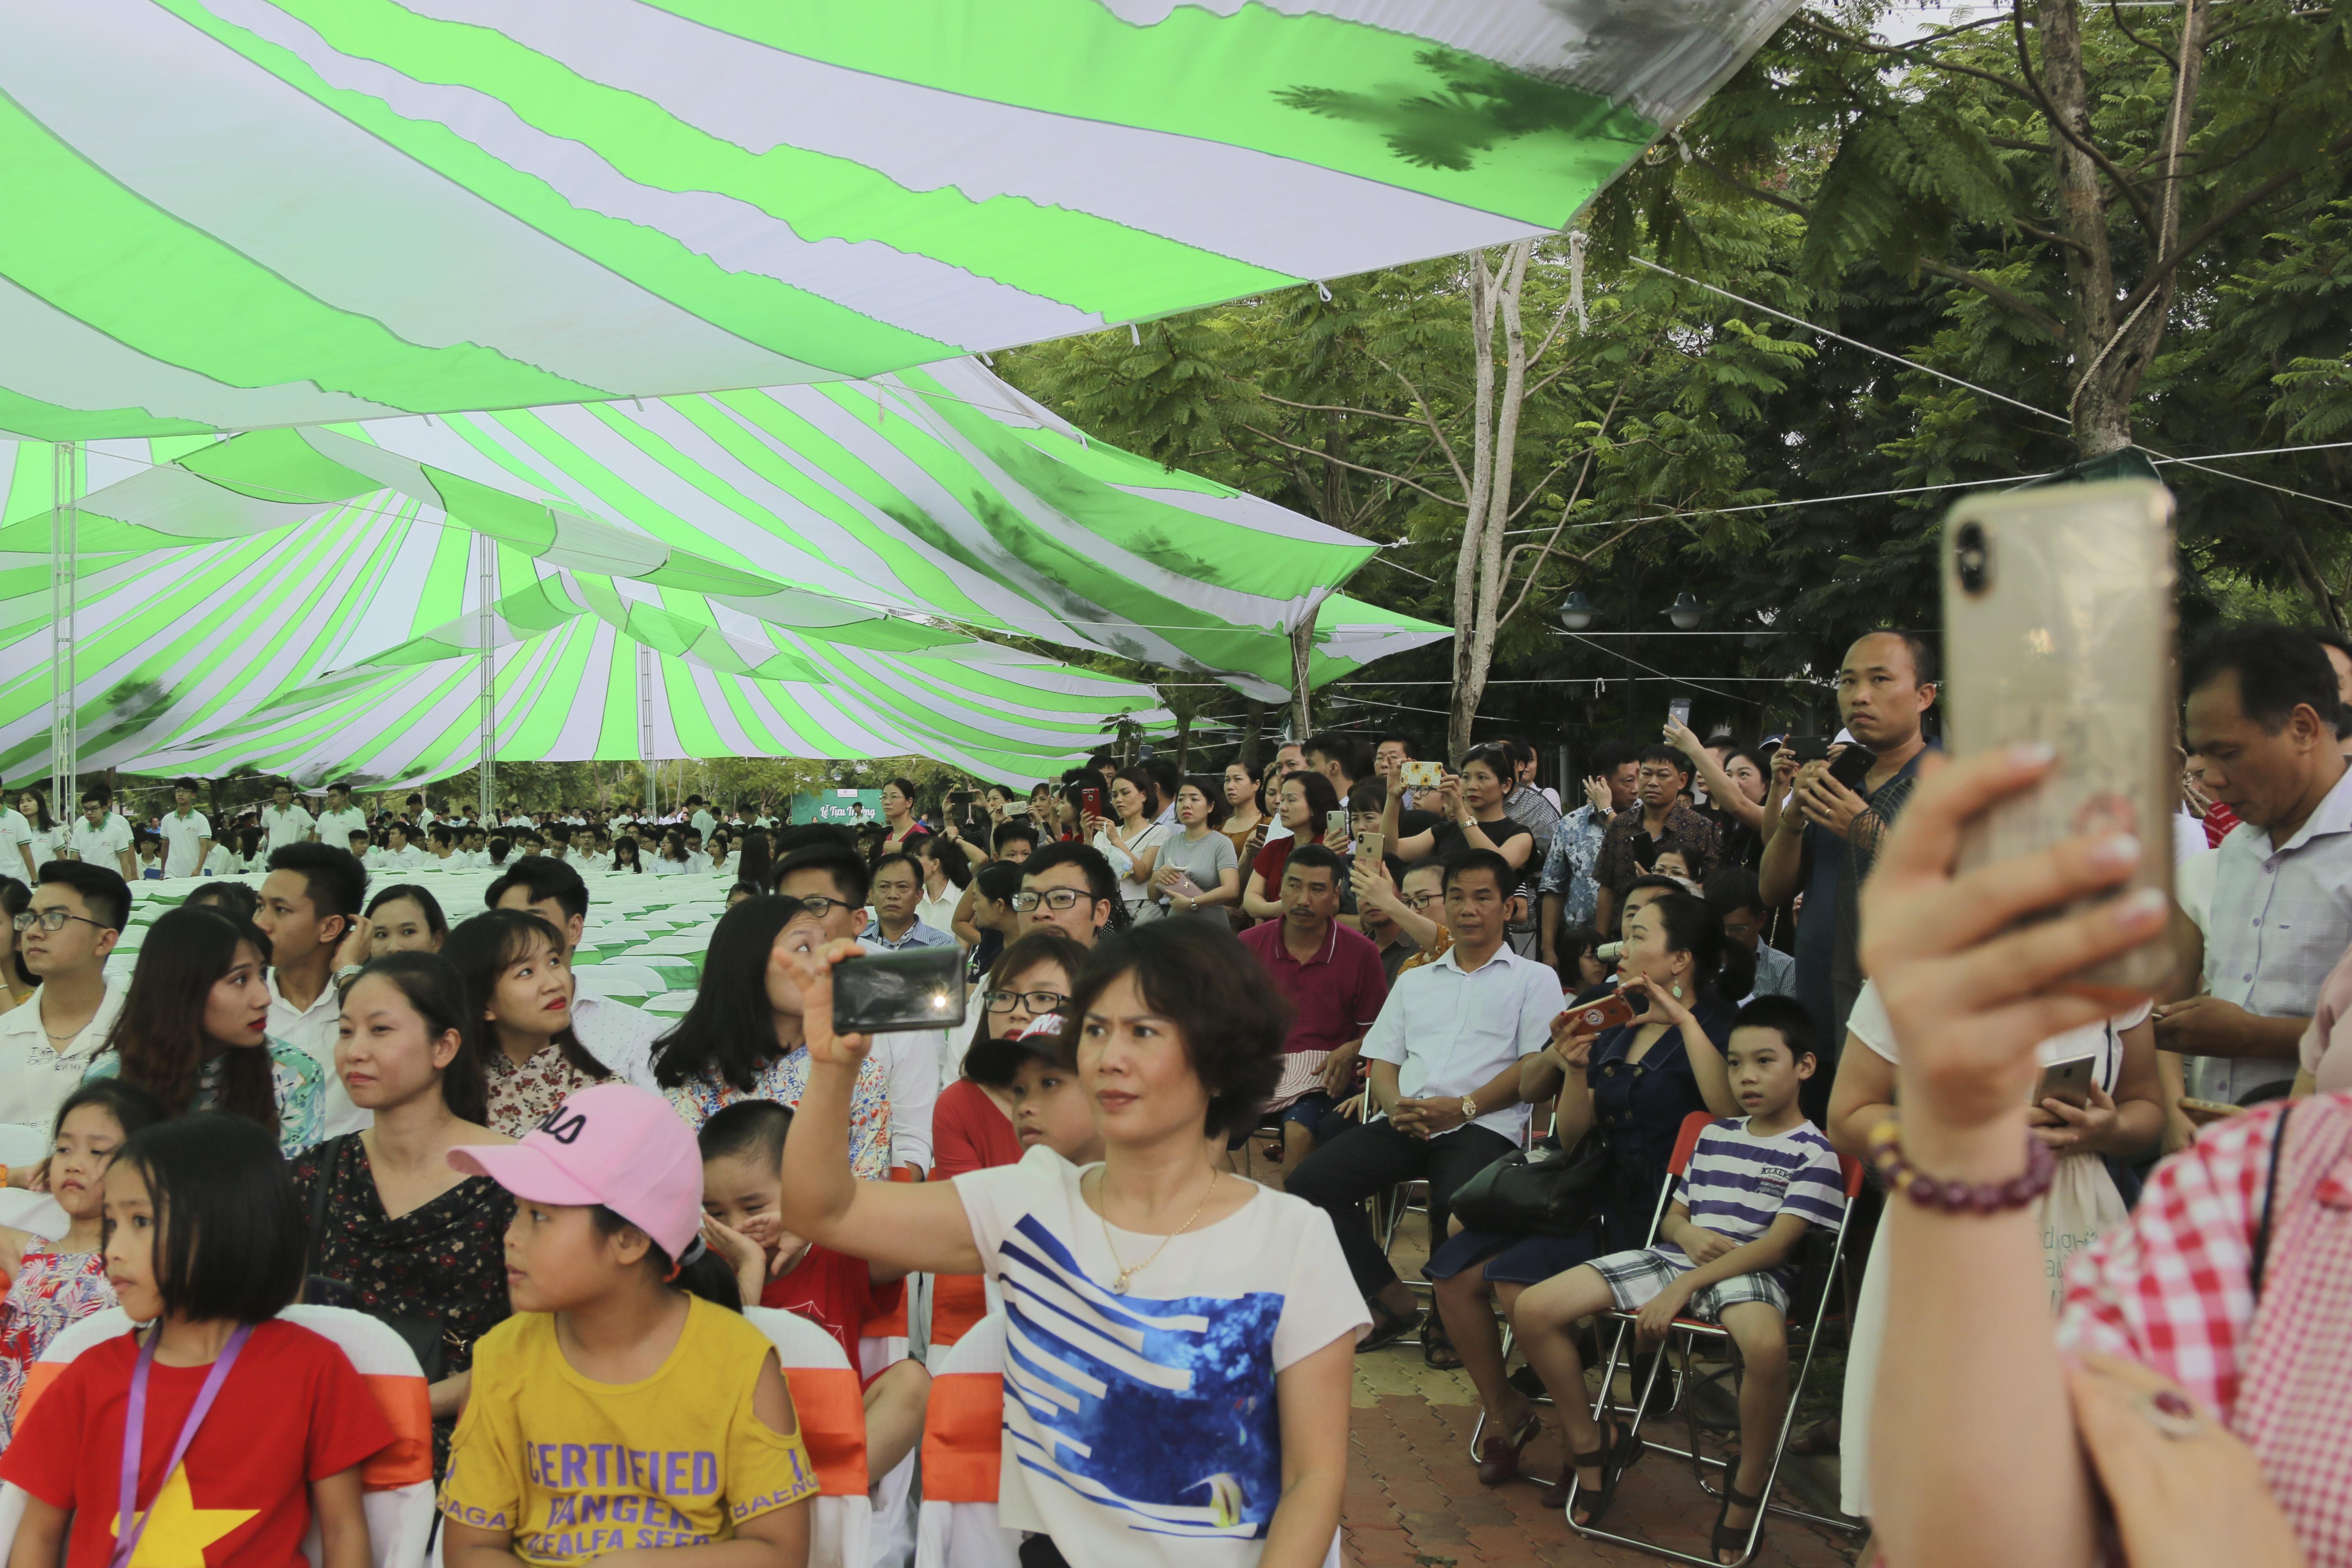 Đông đảo phụ huynh của các học sinh K7 đã có mặt và sẵn sàng lưu lại khoảnh khắc đáng nhớ của con mình trong ngày lễ trọng đại này.